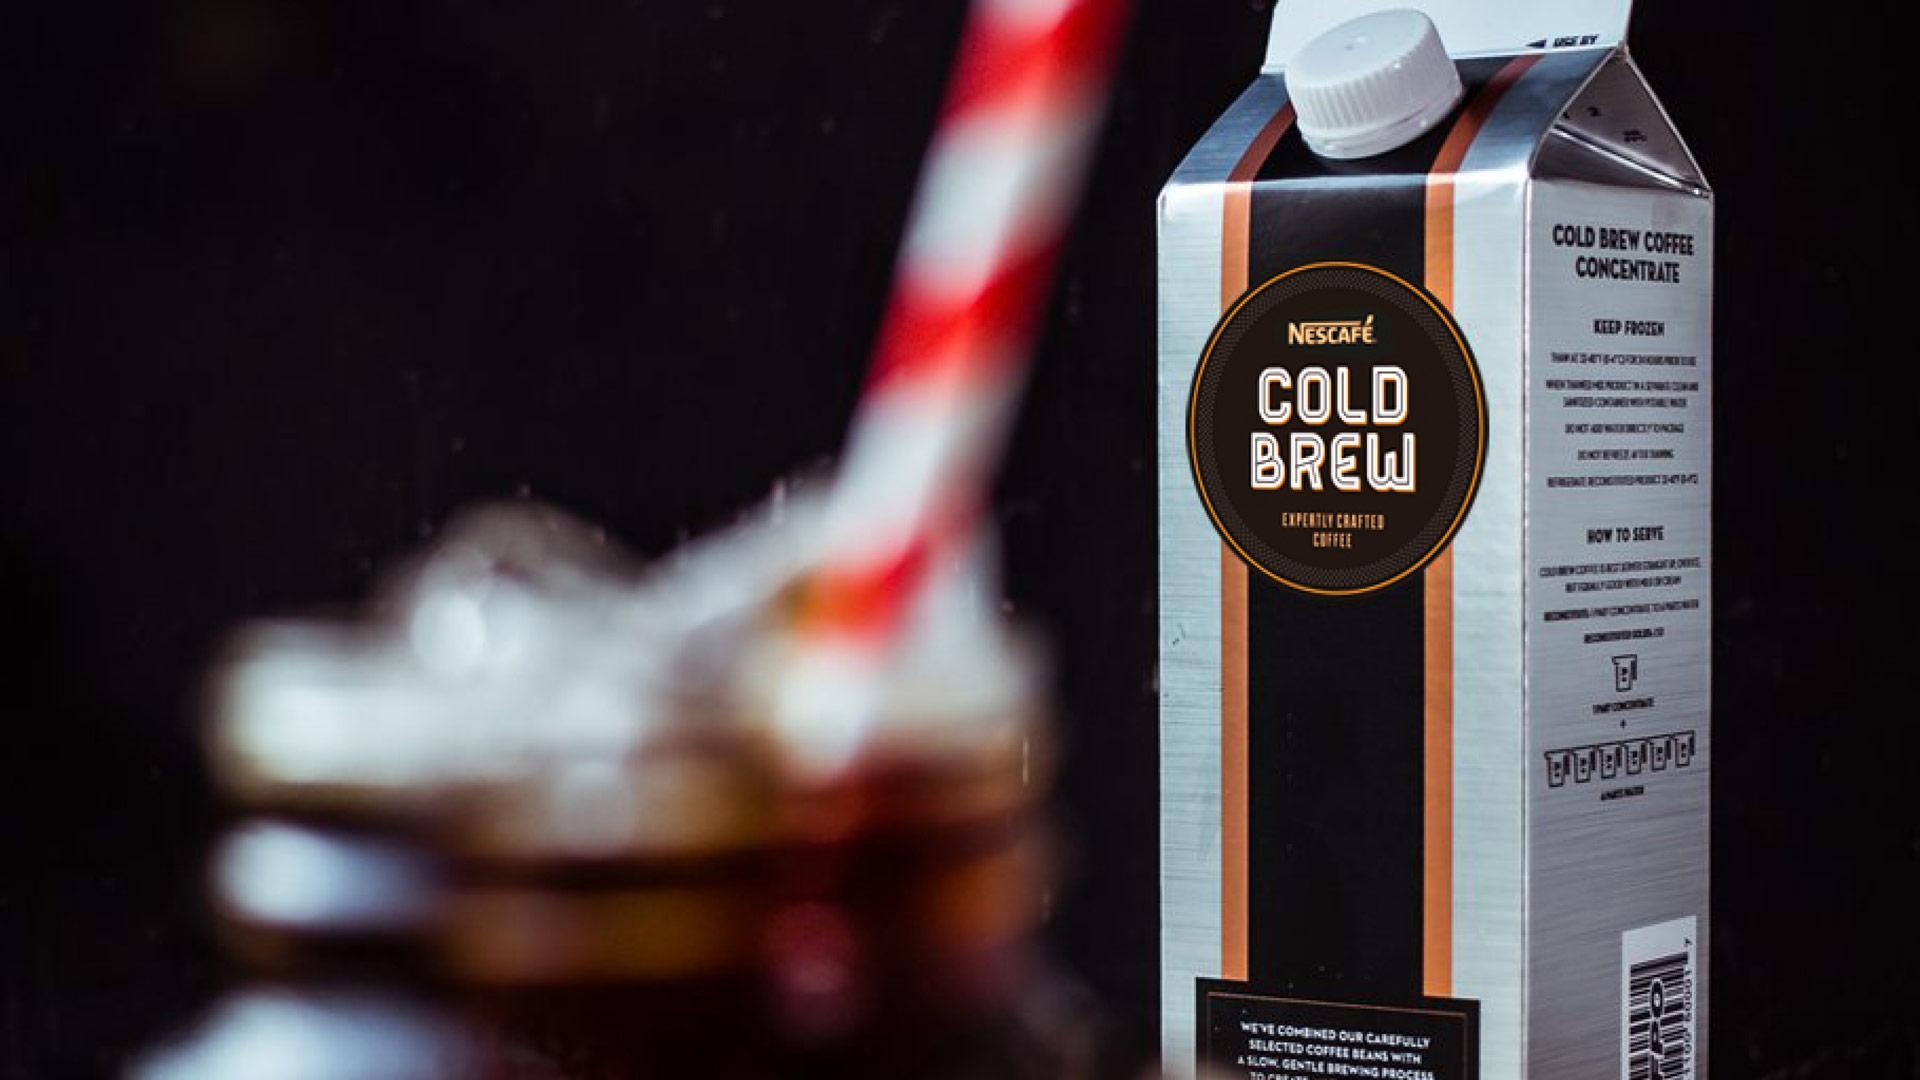 Nescafe_cold_brew_case_study4